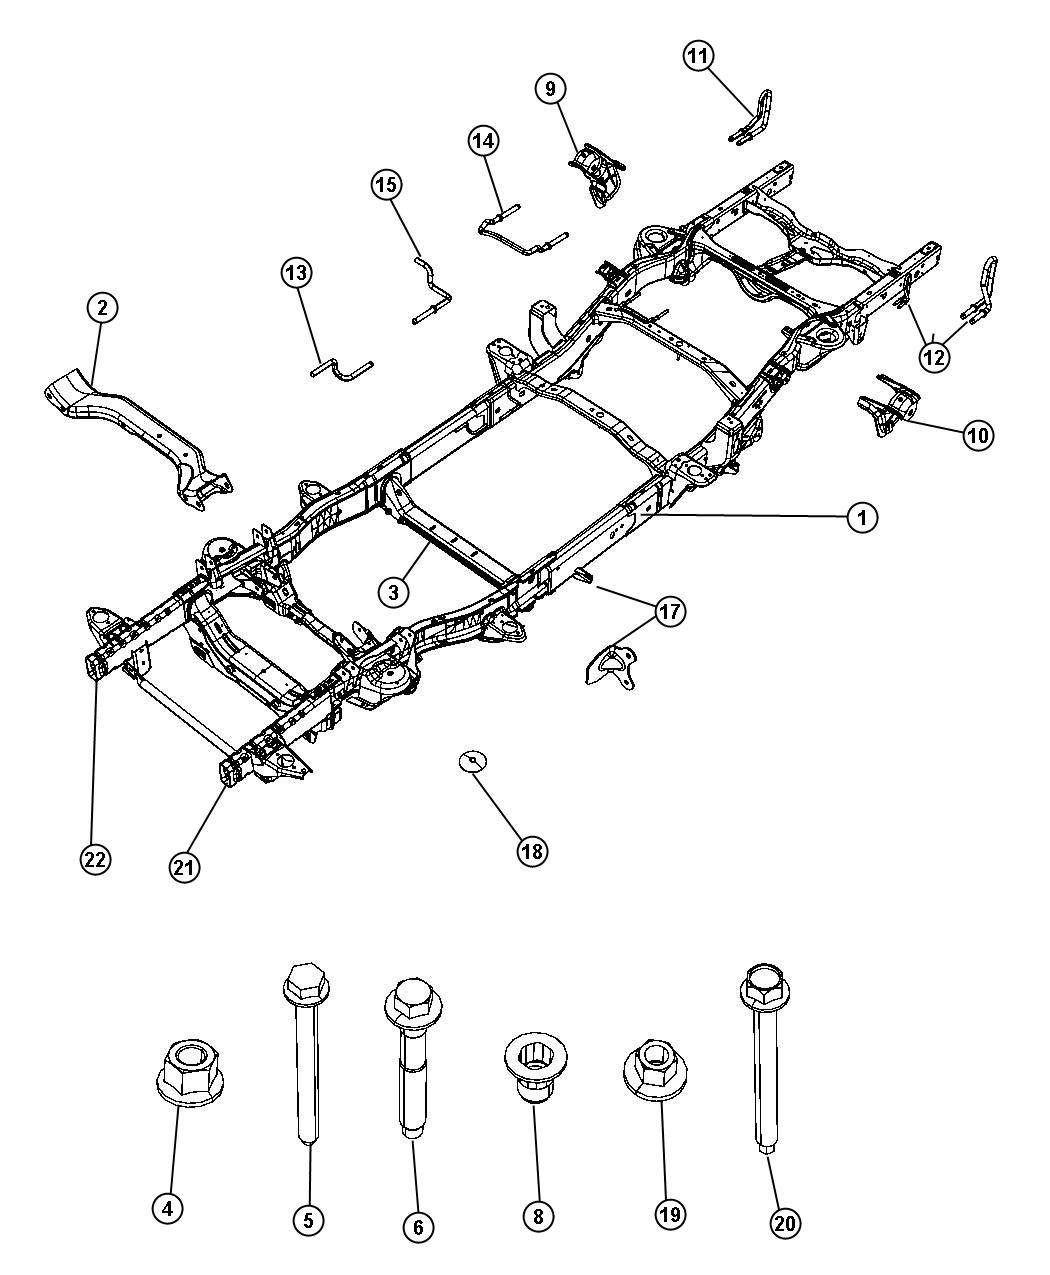 2012 Dodge Ram 1500 Crossmember. Transmission. [all v6